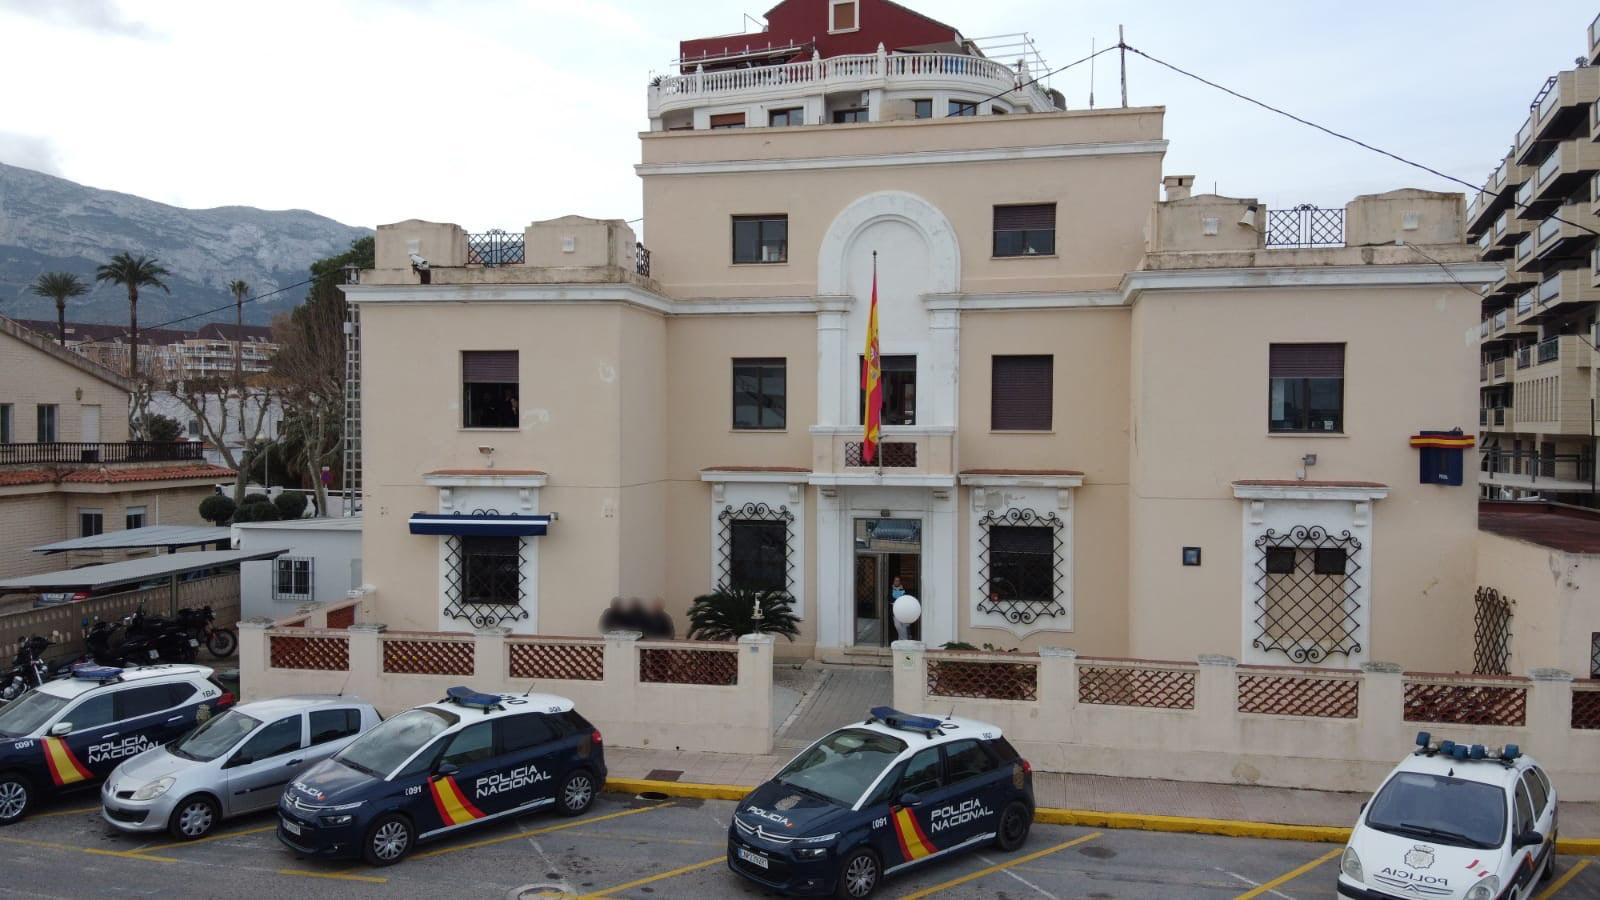 Foto archivo Comisaría de Dénia